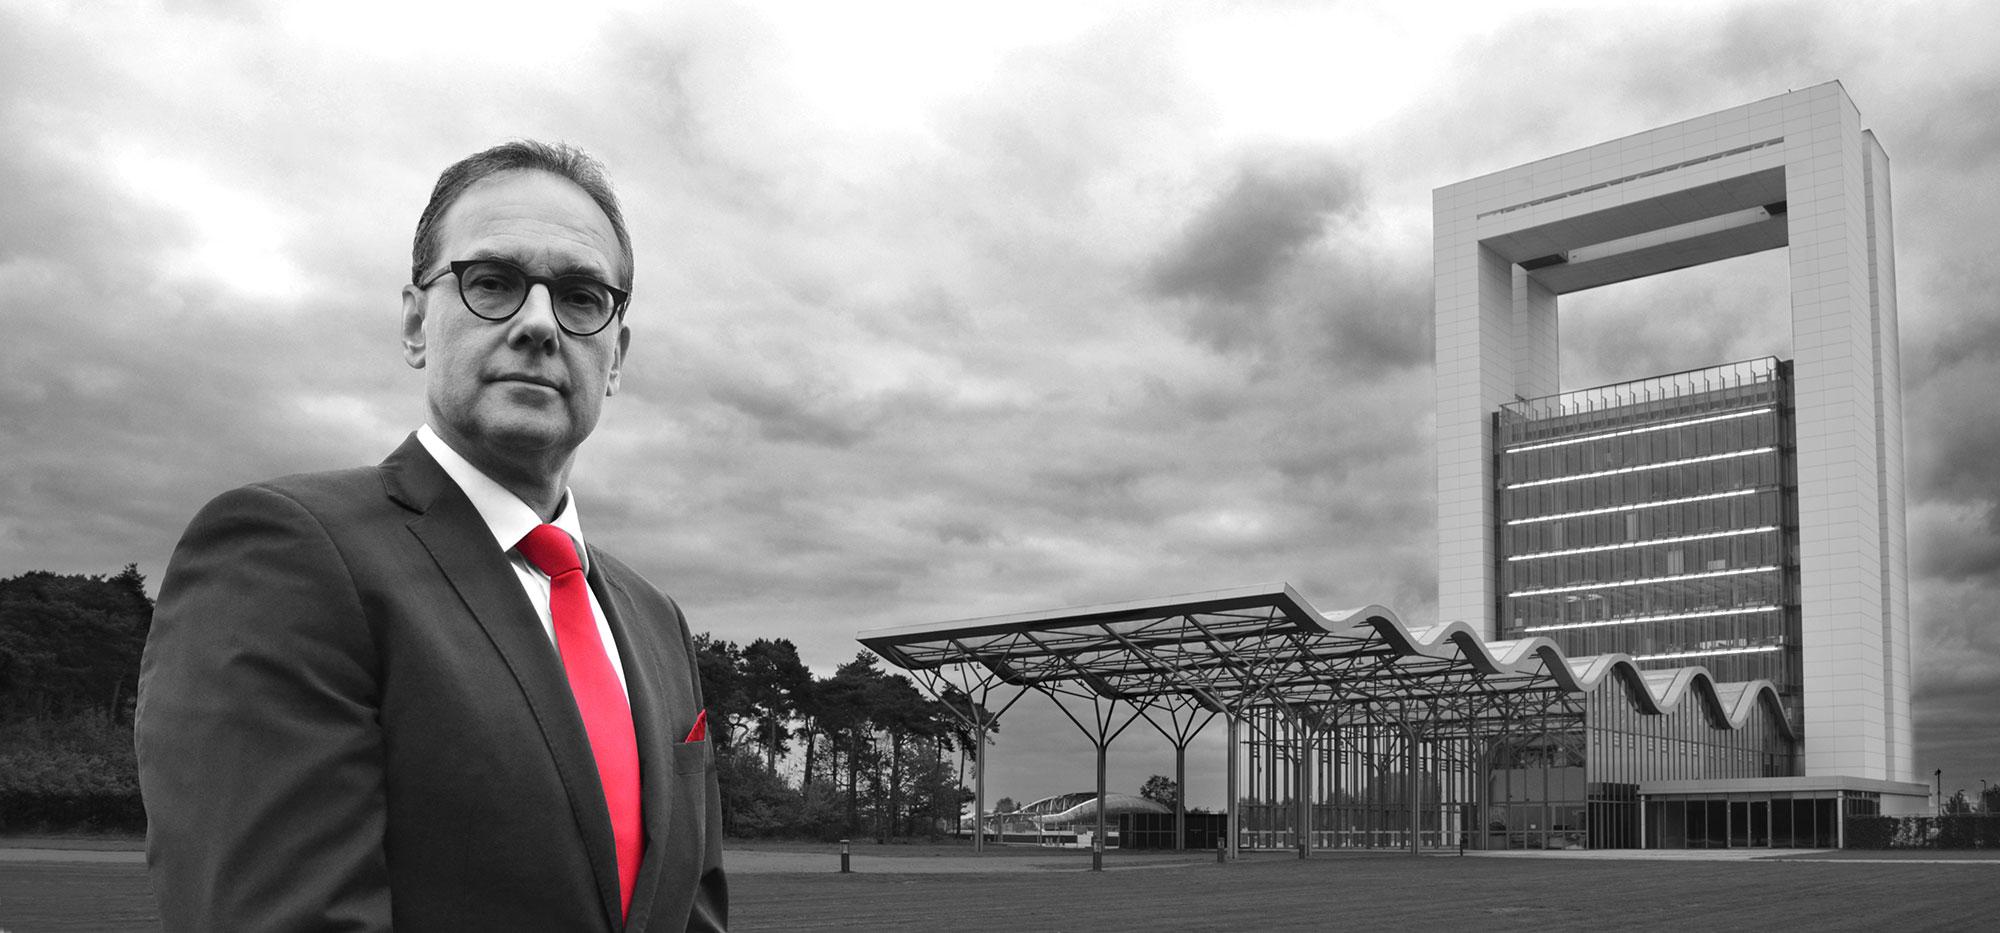 Thijs Muijsenberg